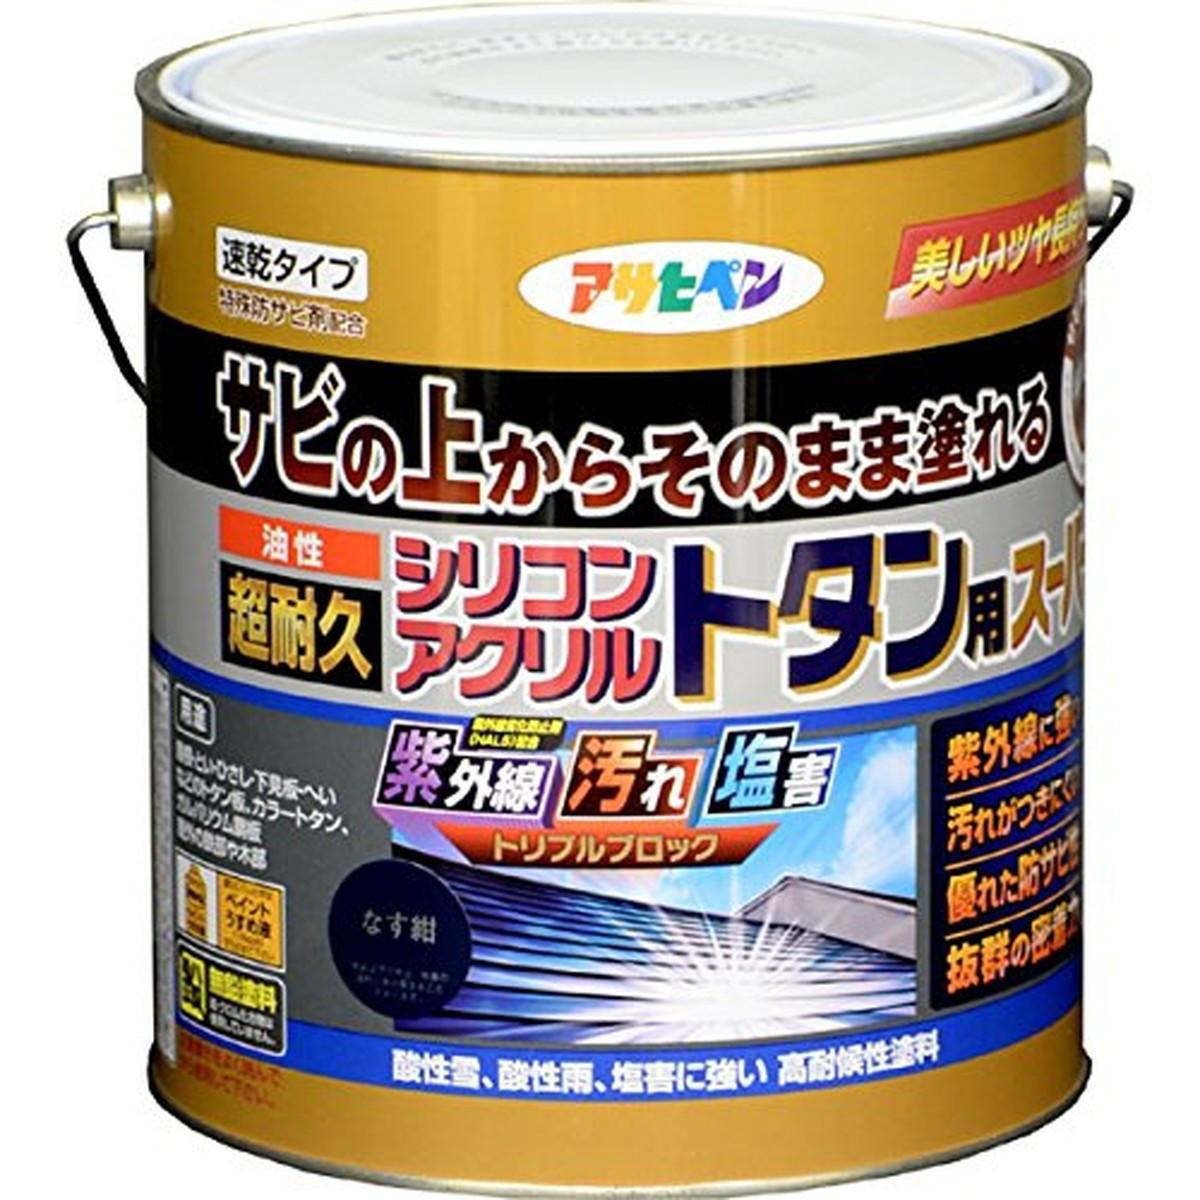 アサヒペン 油性超耐久シリコンアクリルトタン用 3kg (なす紺)【クーポン配布中】